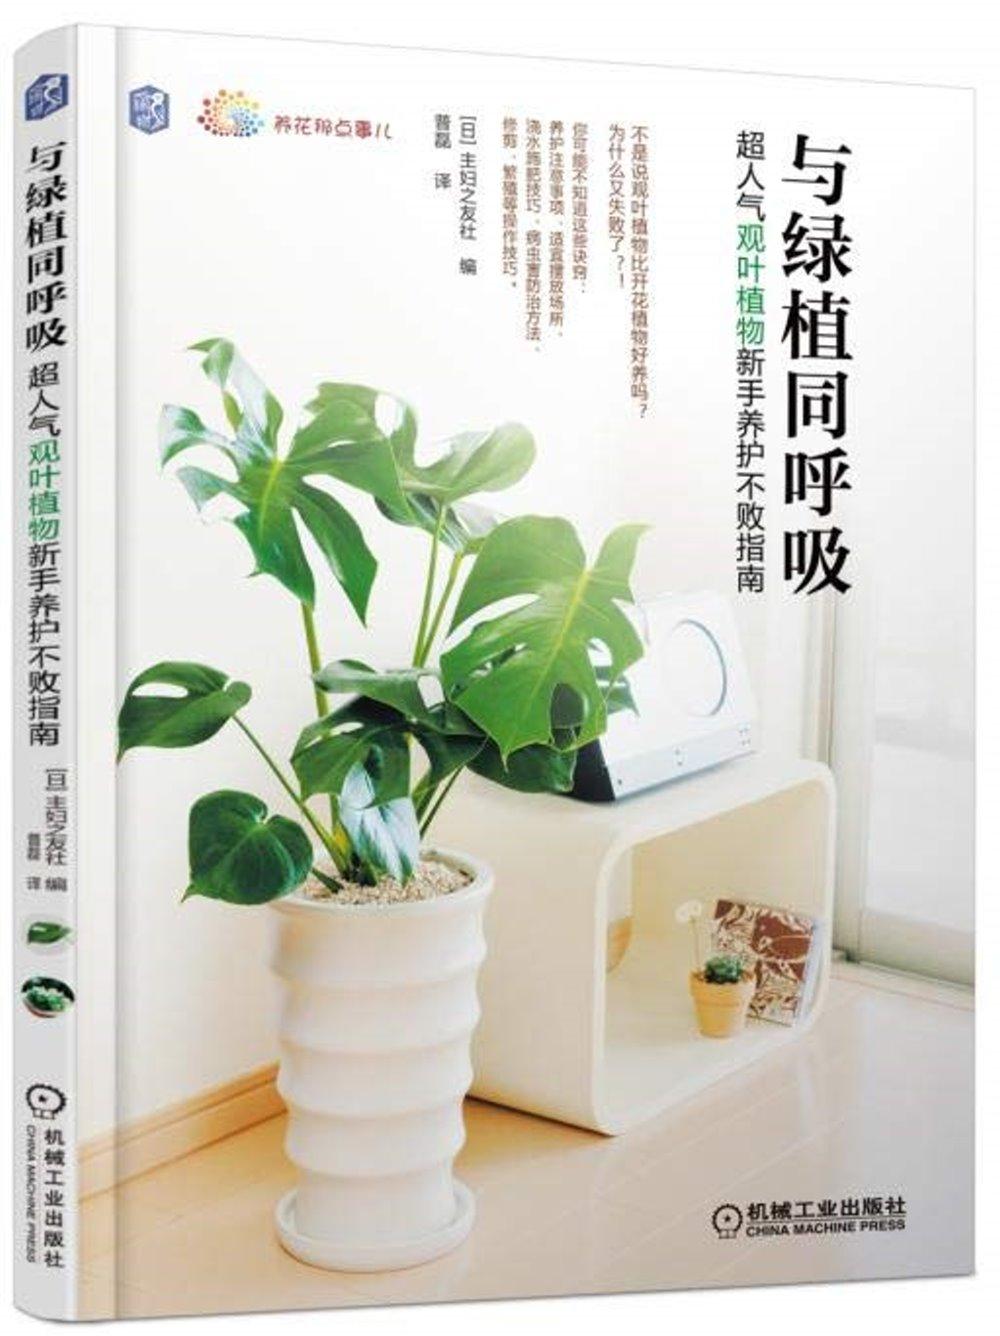 與綠植同呼吸:超人氣觀葉植物新手養護不敗指南